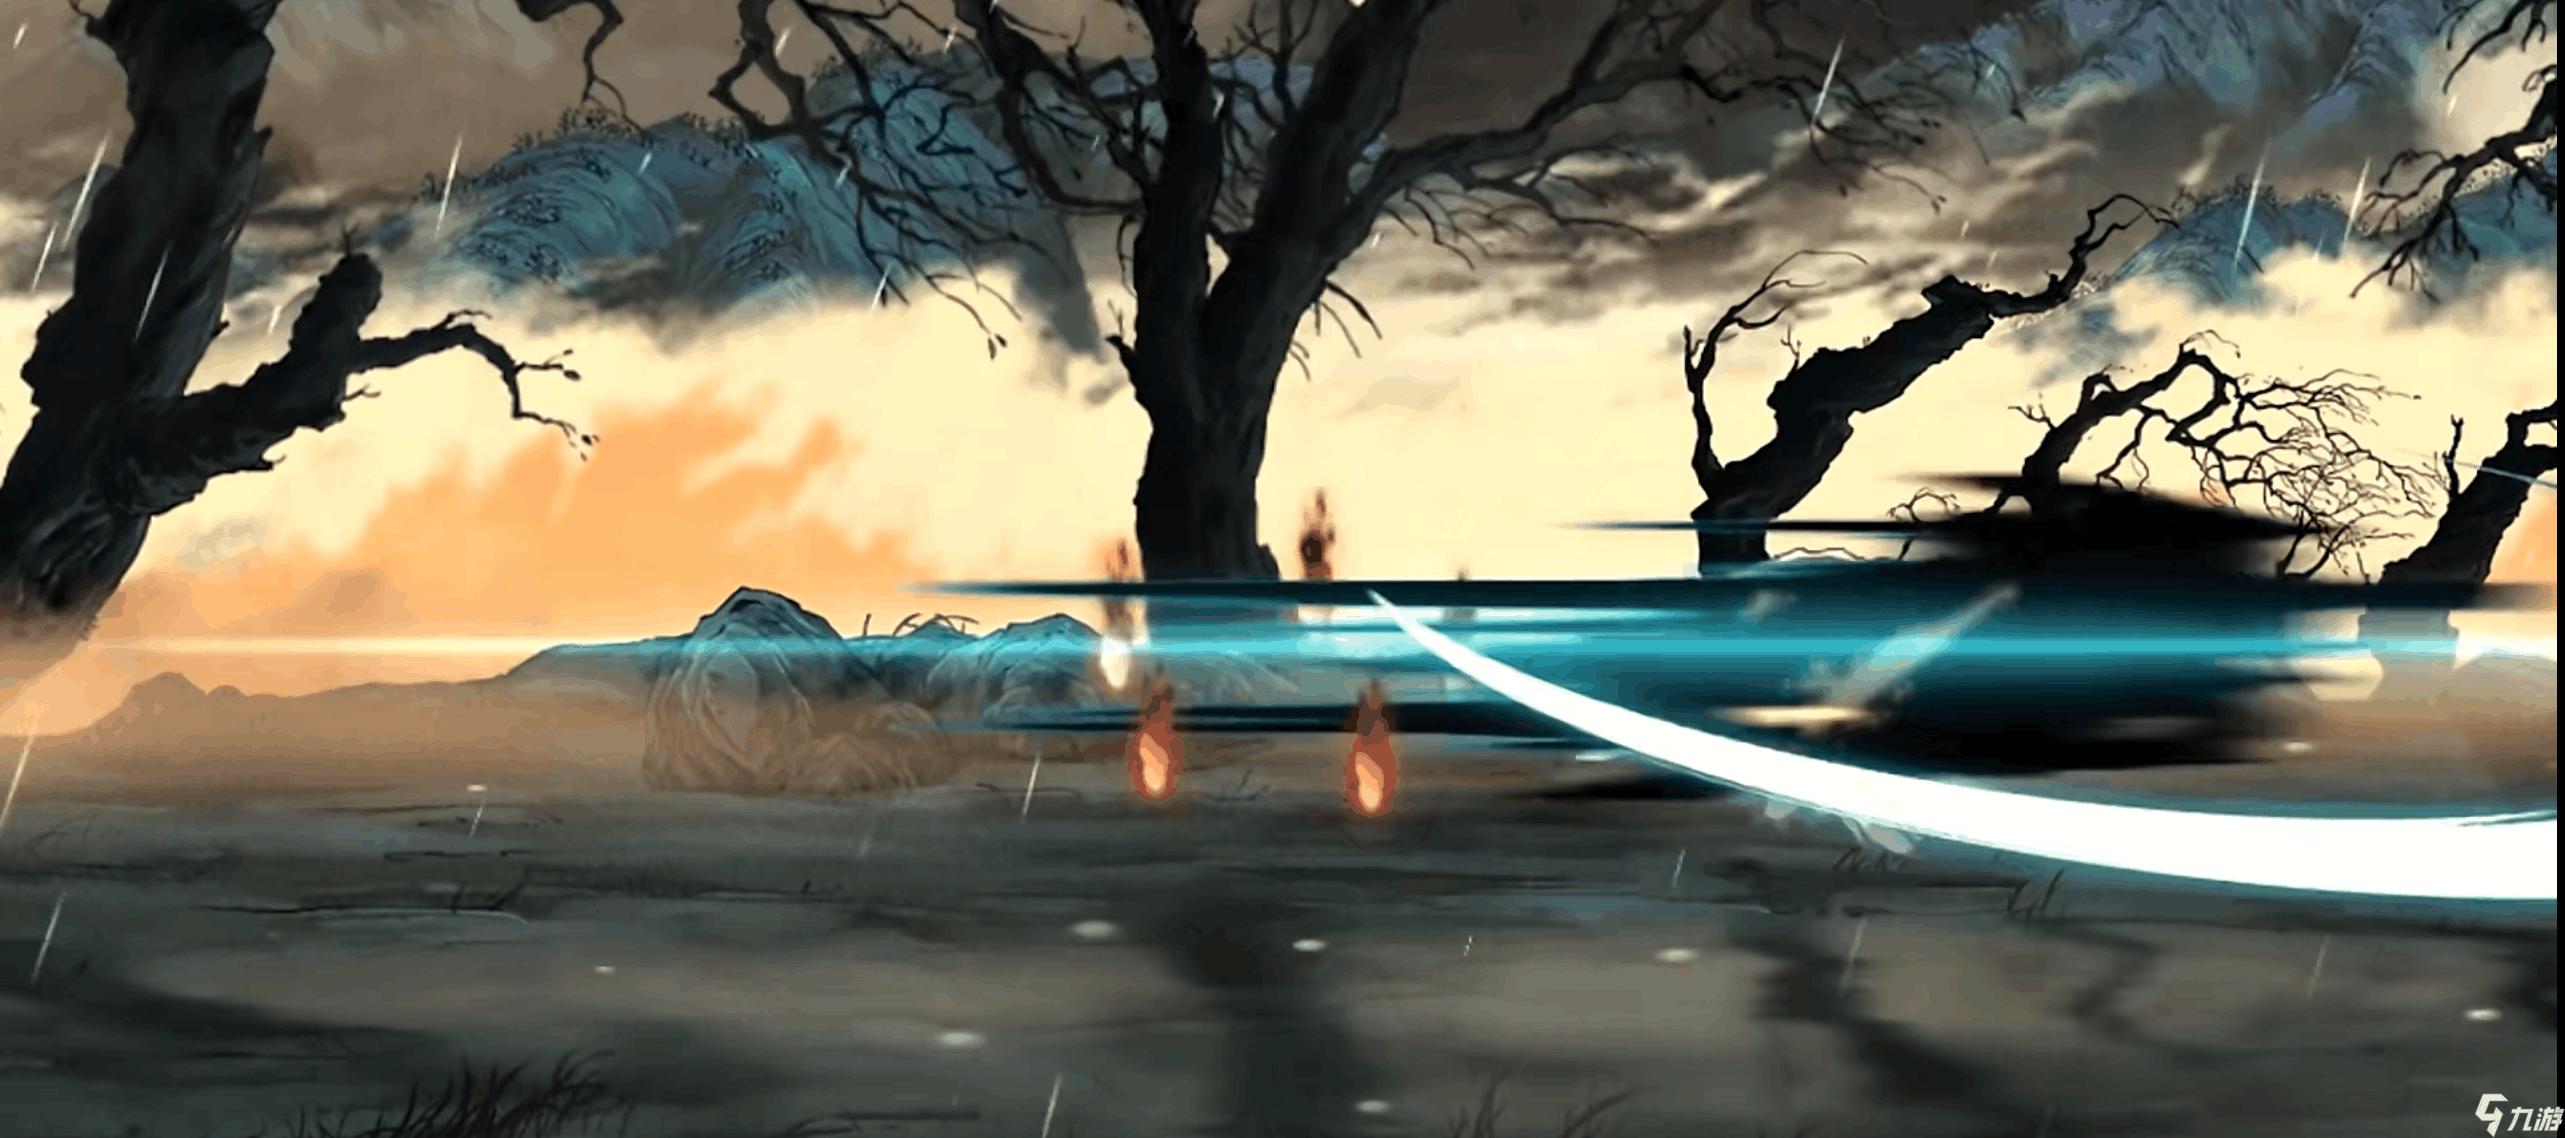 影之刃3刷图最强职业 玩家刷图技巧一览